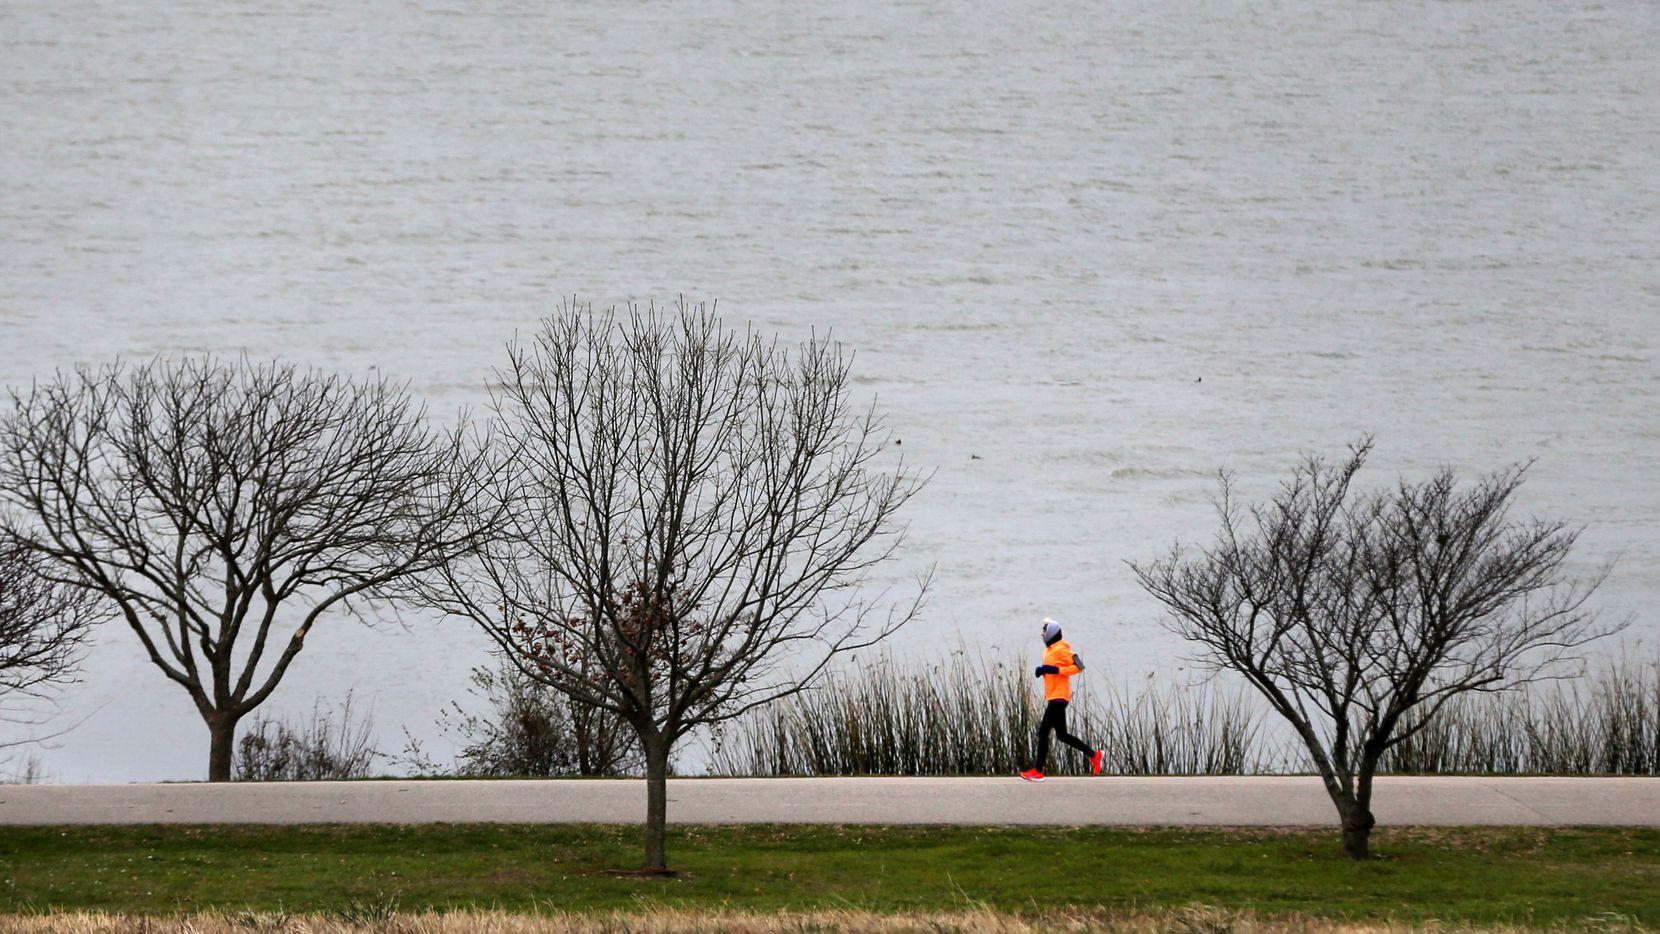 Susan Tiner ran in 24-degree weather at White Rock Lake in Dallas on Monday morning.